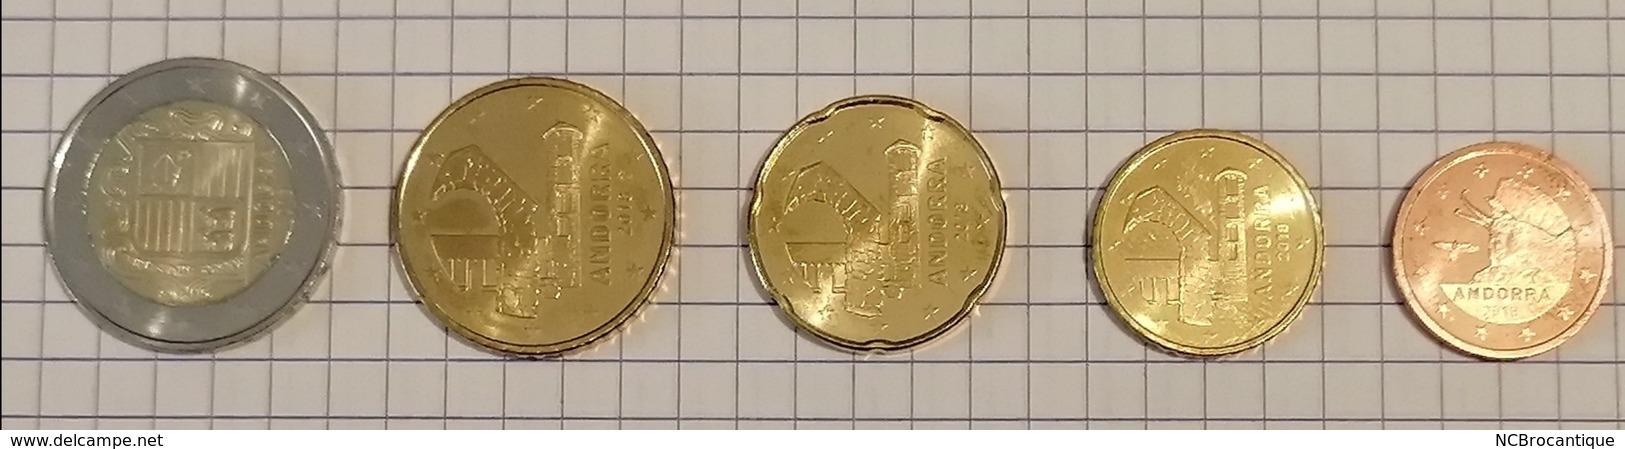 Série 2018 Andorre Andorra (5 Pièces), Pièces 2€- 50 Cent - 20 Cent- 10 Cent Et 2 Cent - Andorra